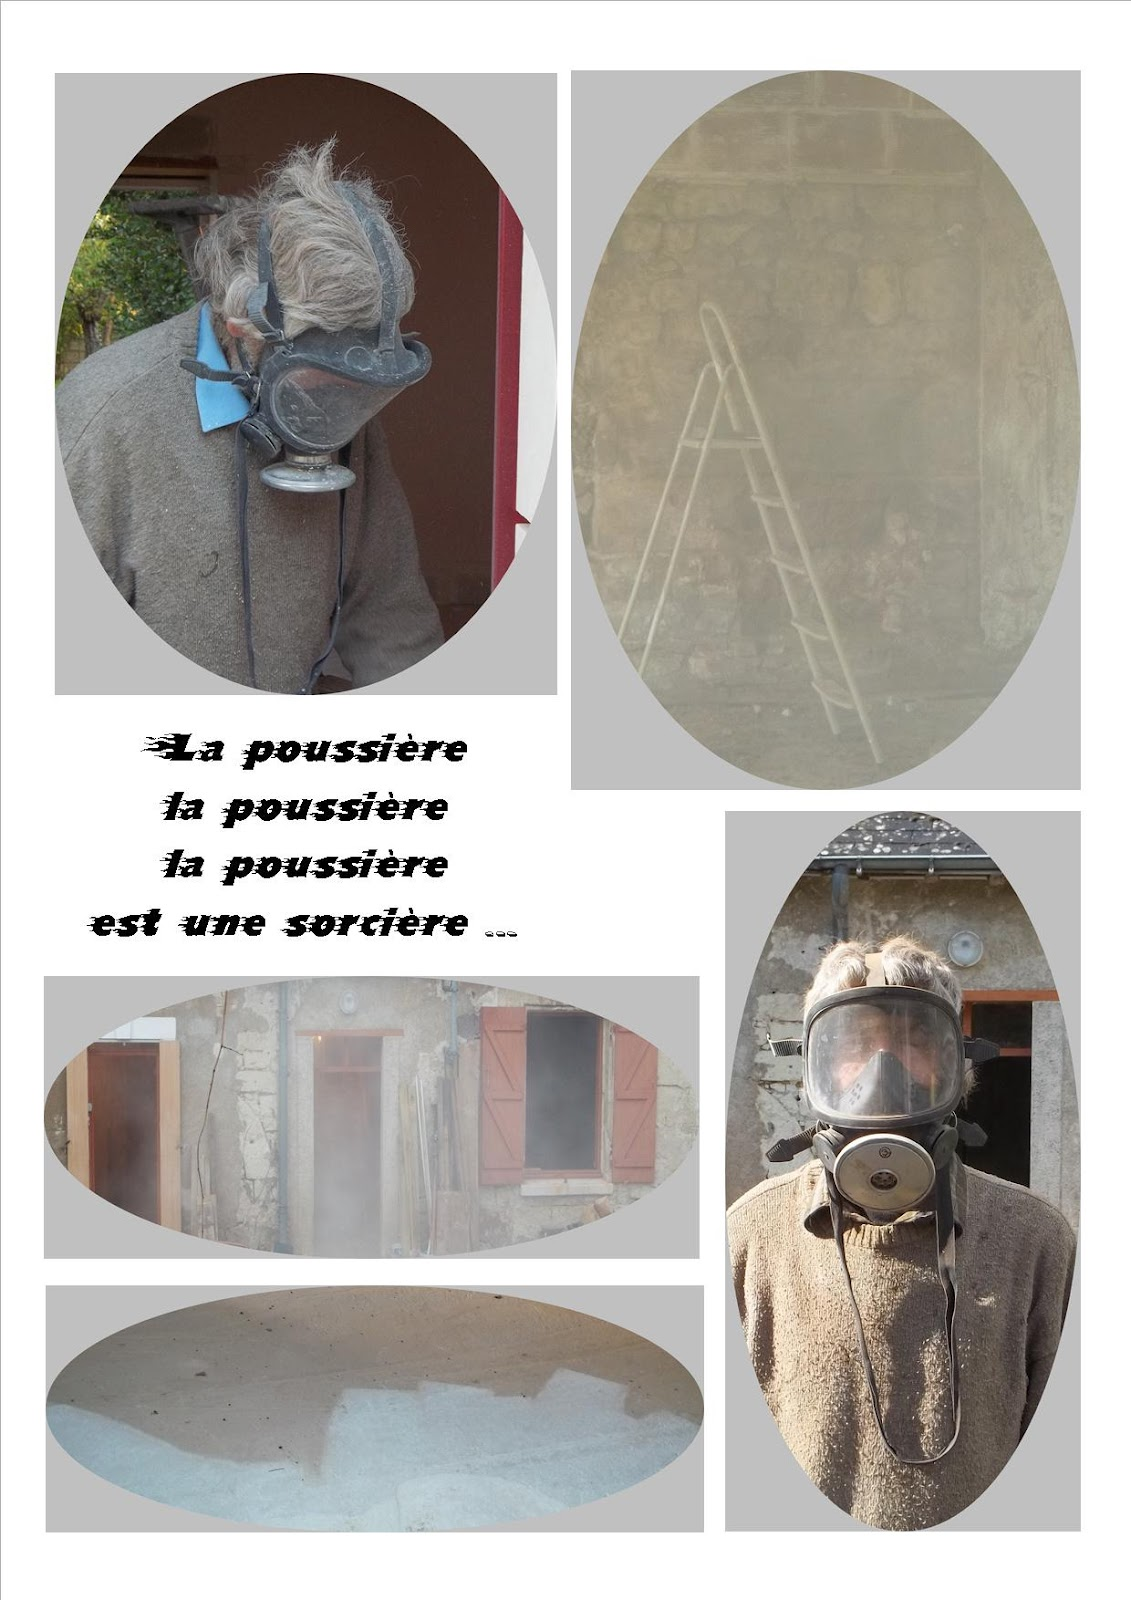 Flottille de loire nettoyer balayer astiquer d cid ment il y a maldonne - Balayer nettoyer astiquer ...